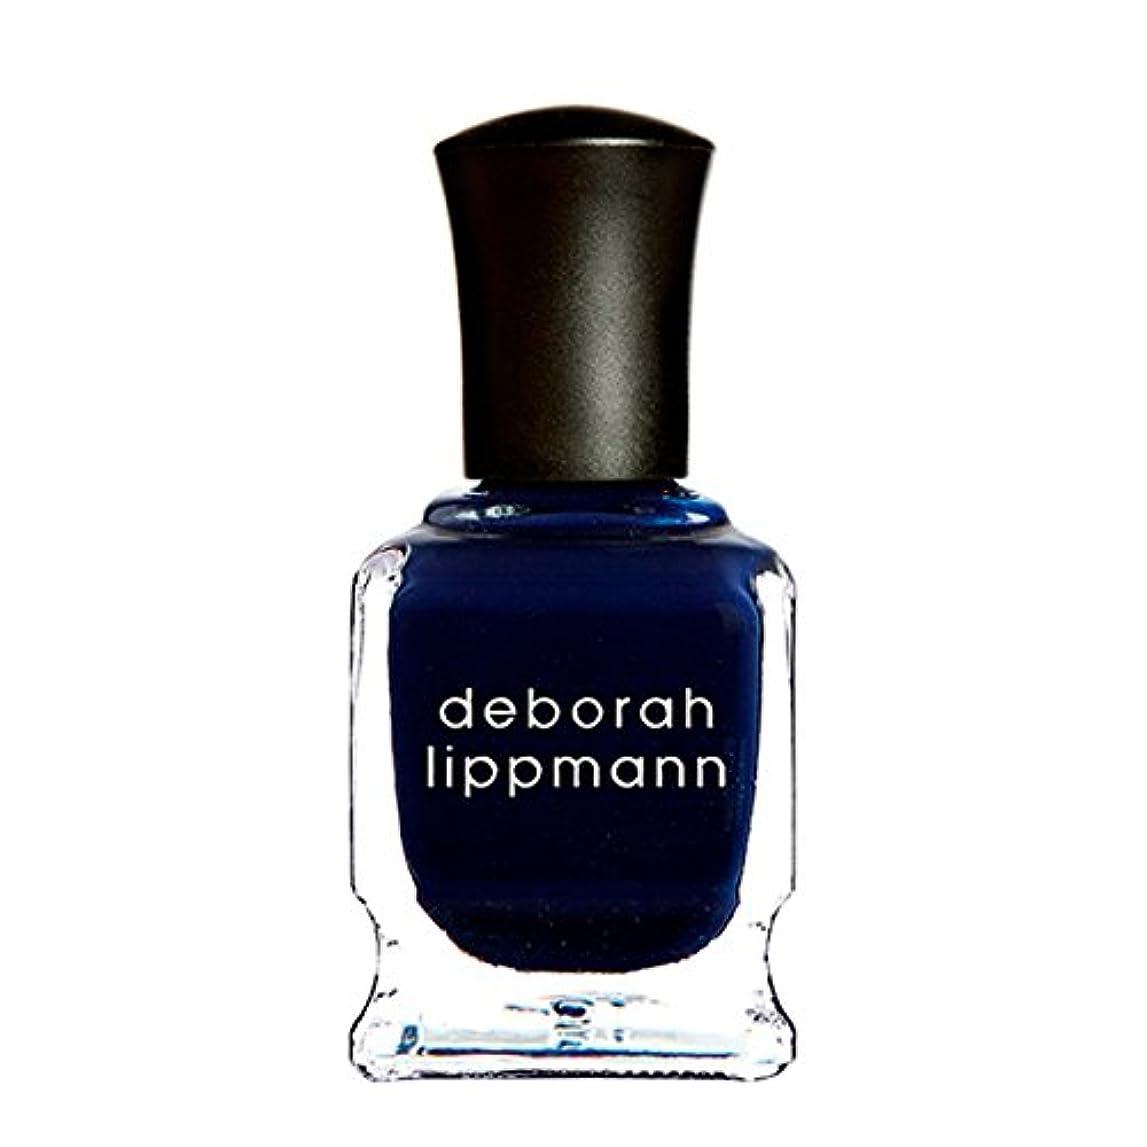 くつろぎゼロ水っぽい[Deborah Lippmann] [ デボラリップマン] ローリングインザディープ (Rolling in the Deep) 色:ミッドナイトブルー ネイルカラー系統:ブルー 15mL